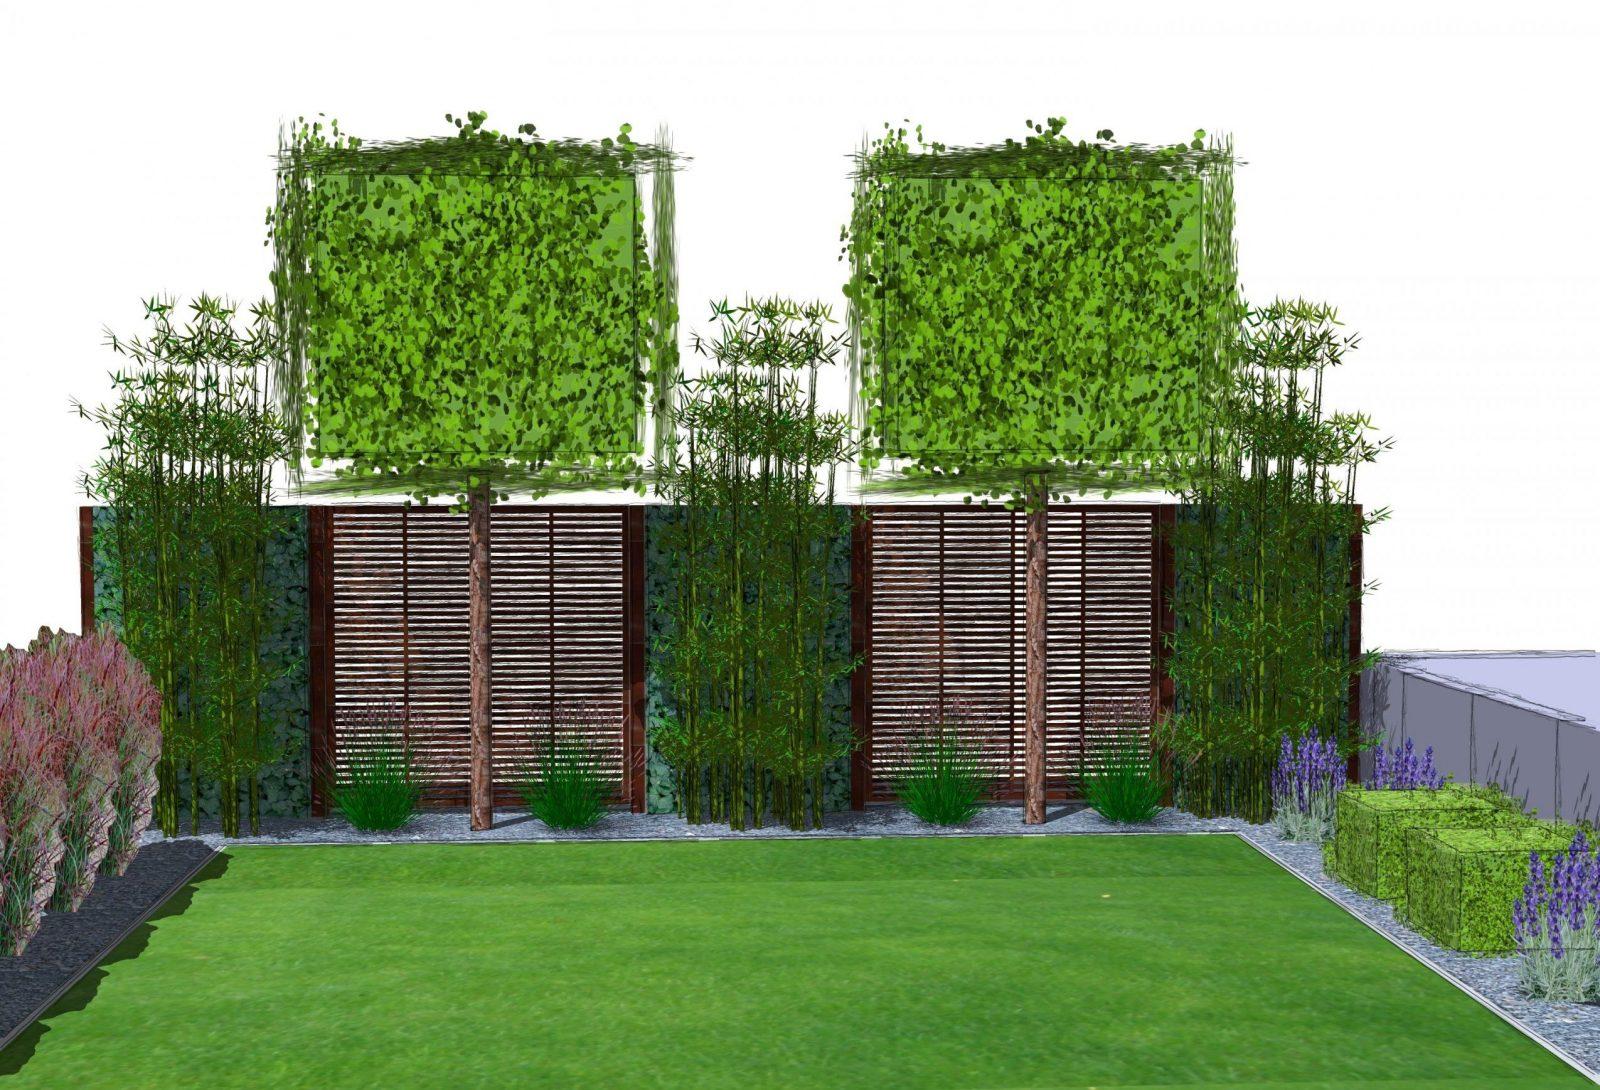 Modern In Gestaltung Moderne Gartengestaltung Mit Gräsern Moderner von Moderne Gartengestaltung Mit Gräsern Bild